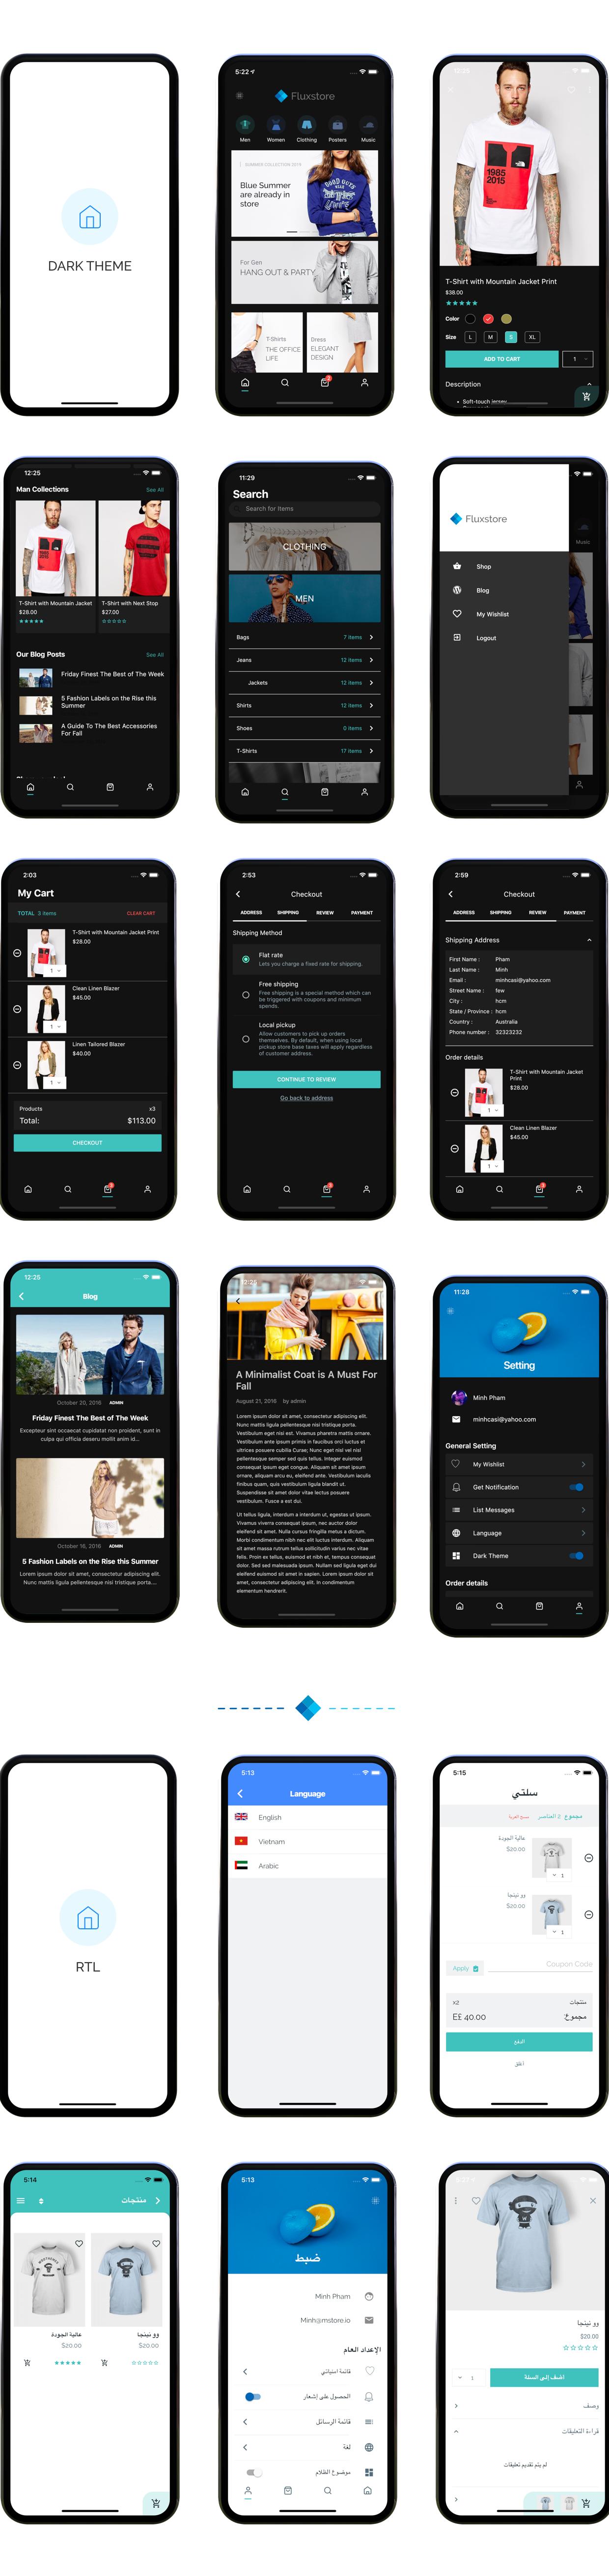 Fluxstore Pro - Flutter E-commerce Full App for Magento, Opencart, and Woocommerce - 28